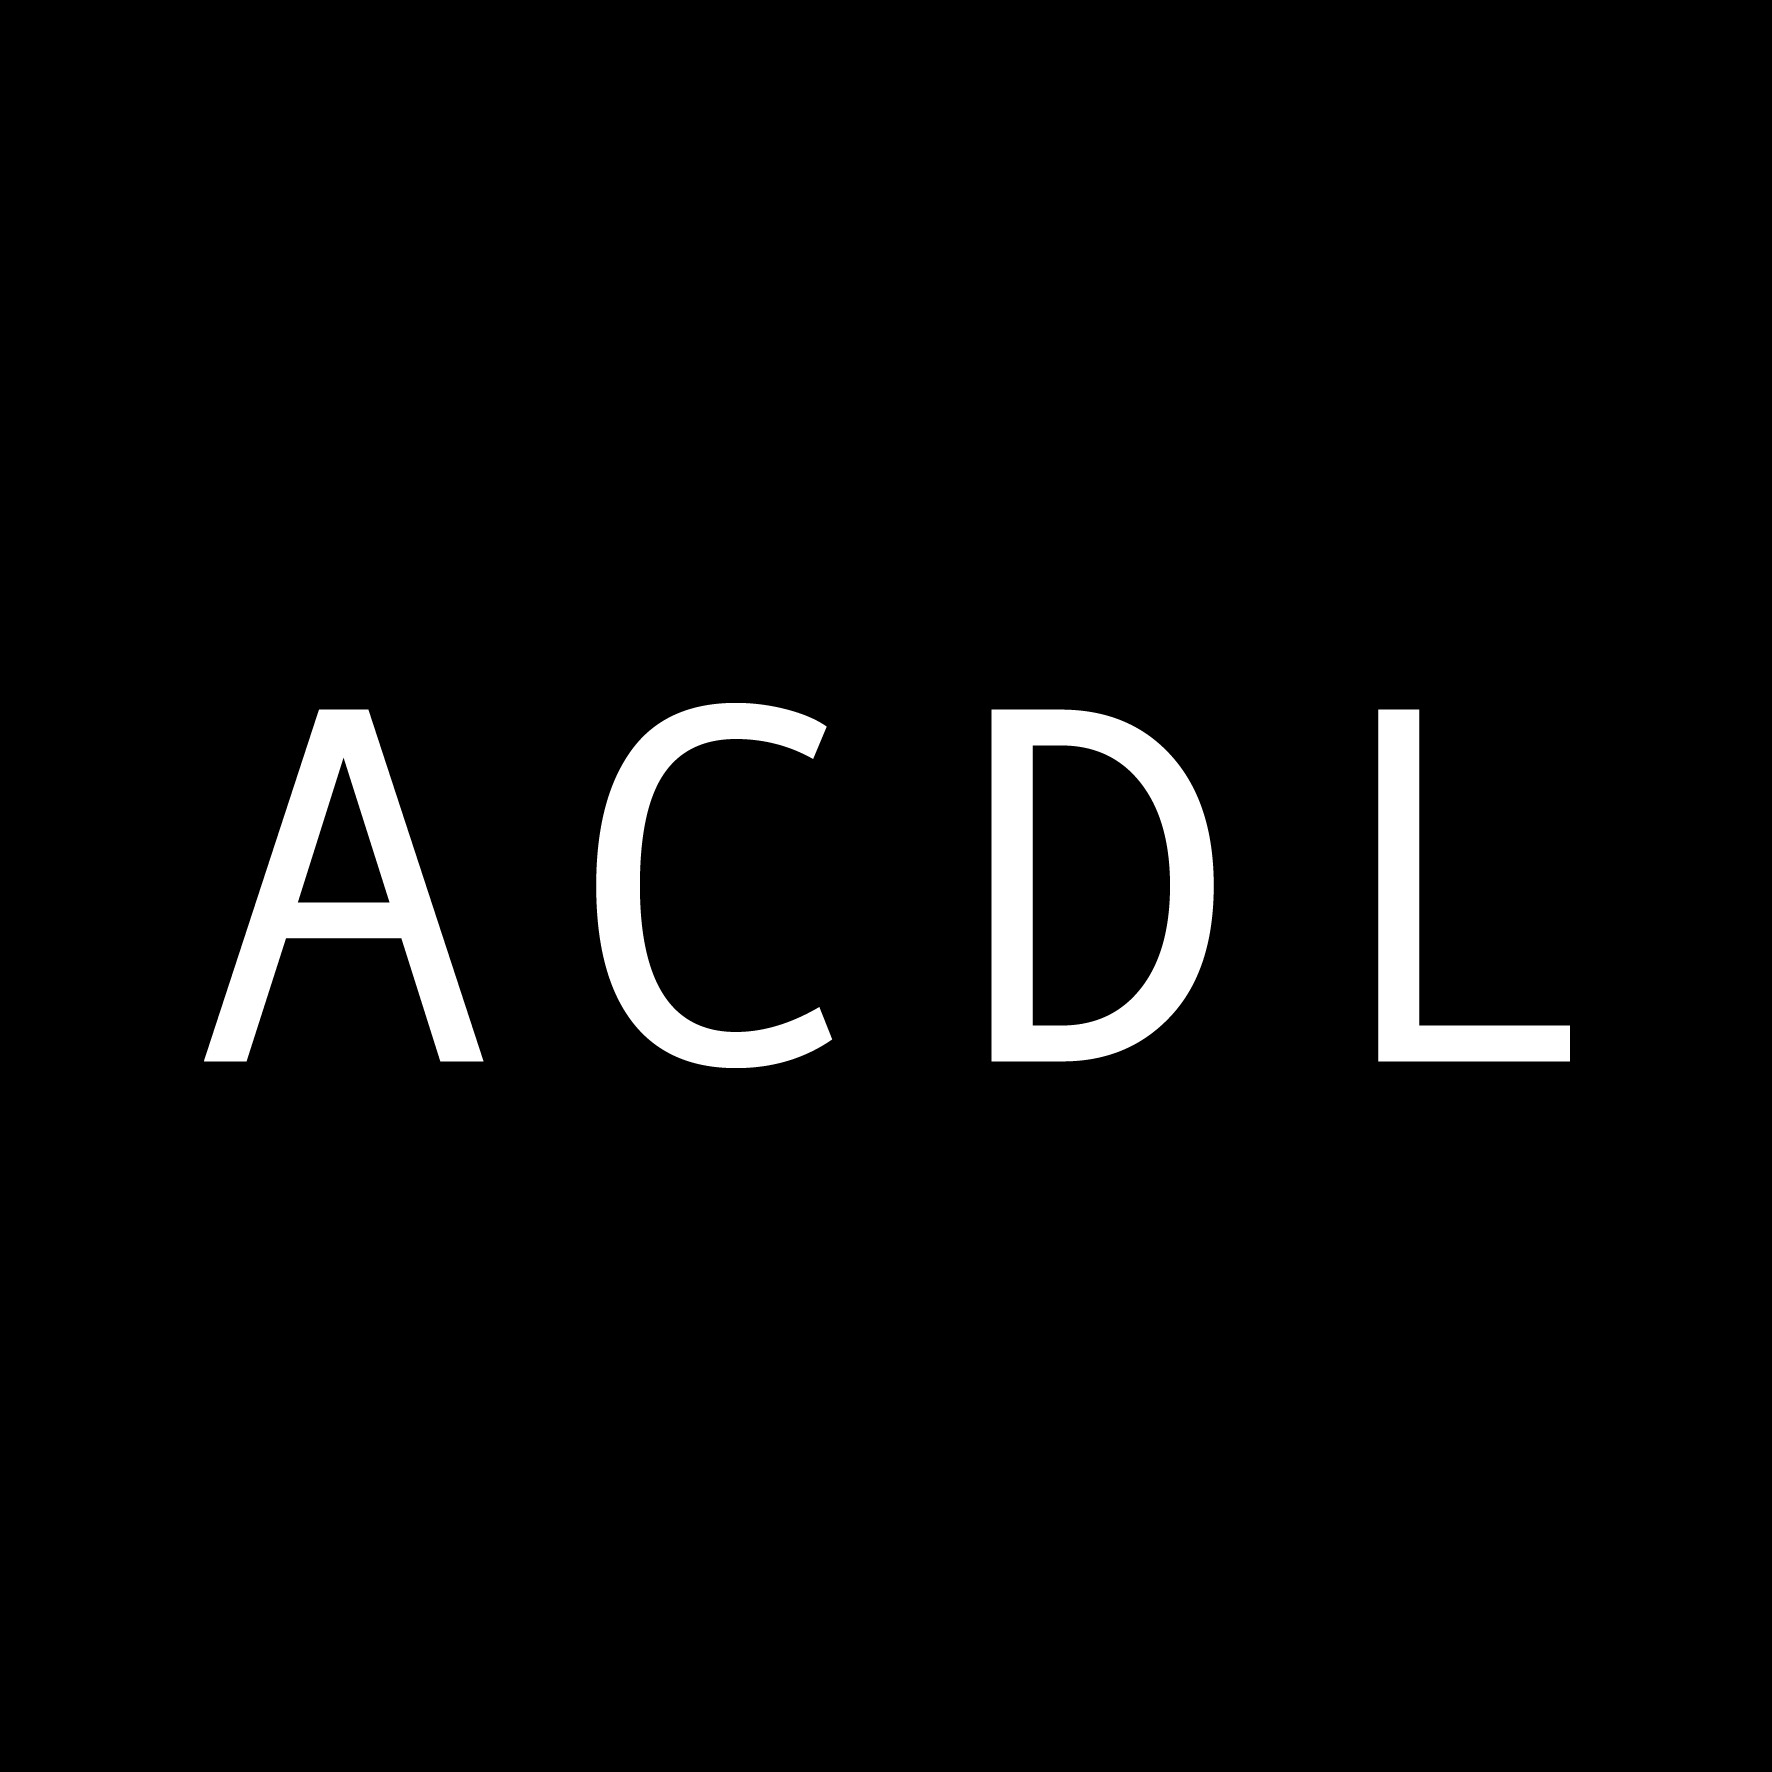 ACDL LOGO SQUARE B&W.jpg